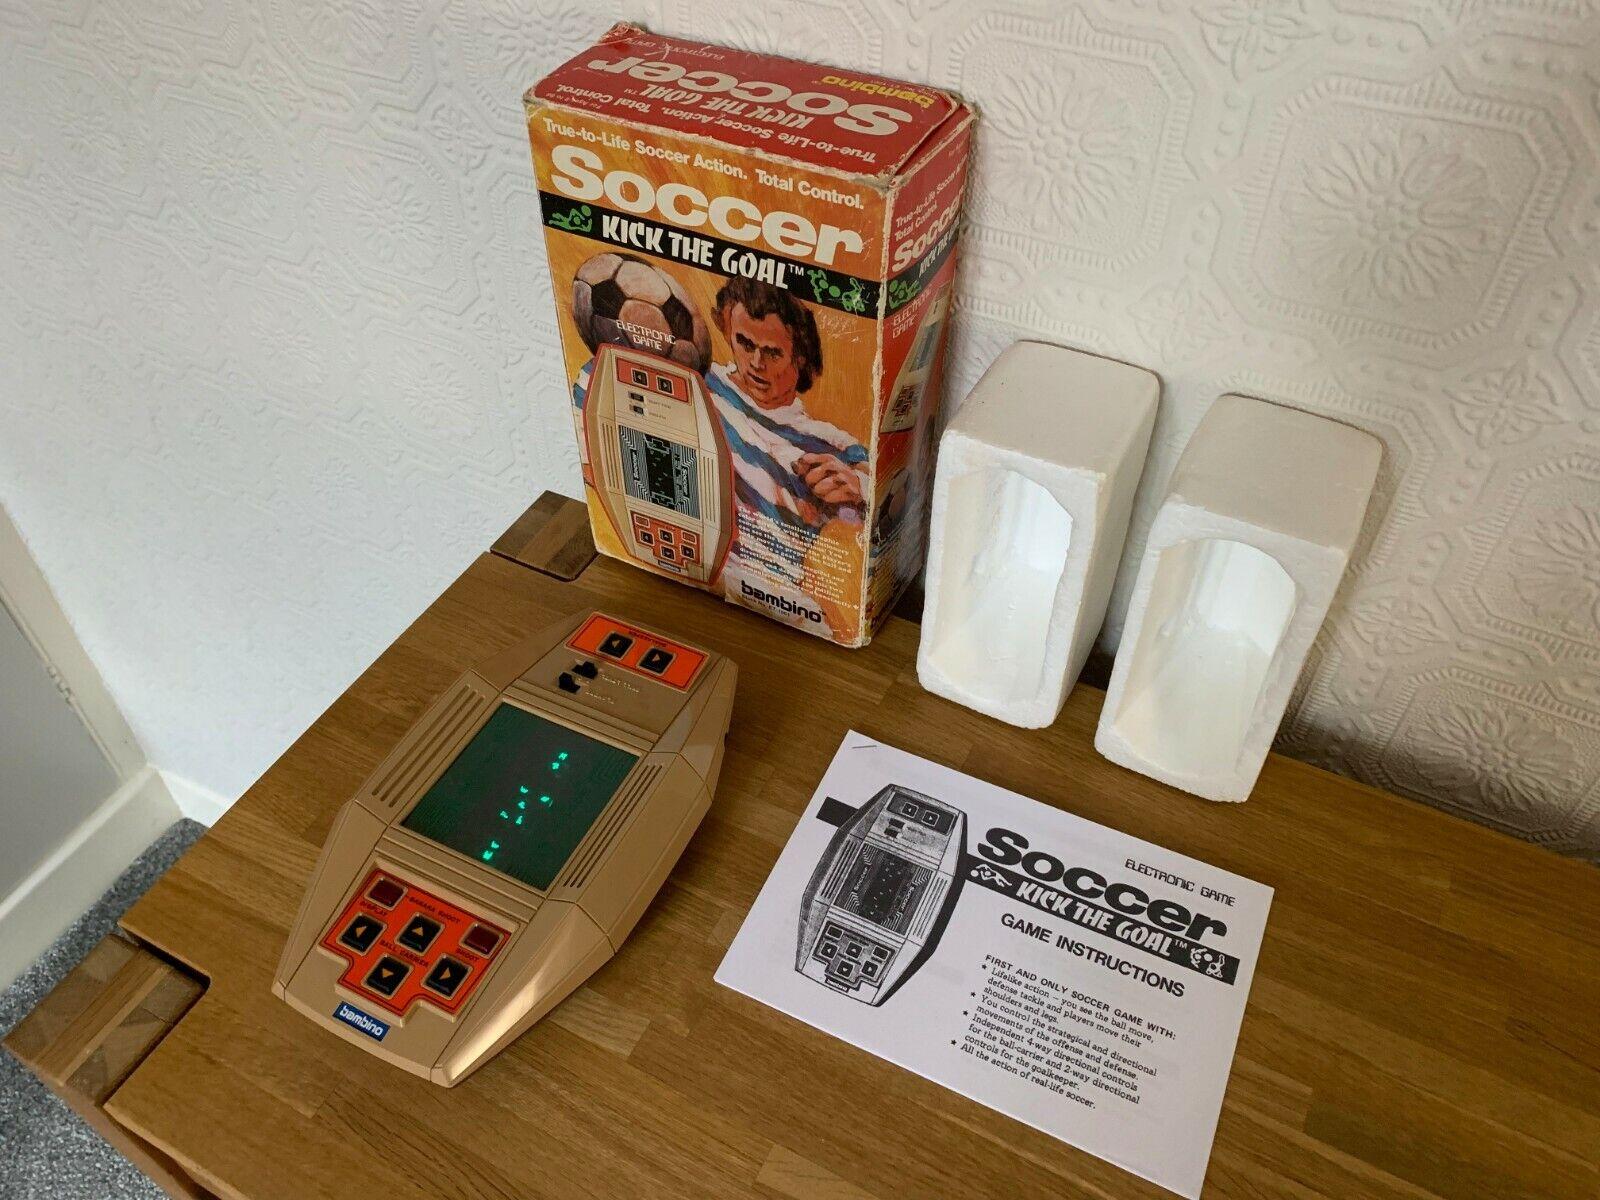 Envío rápido y el mejor servicio Raro en Caja Bambino fútbol 'patear la meta' Vintage Vintage Vintage 1979 juego electrónico -  como Nuevo .  100% precio garantizado